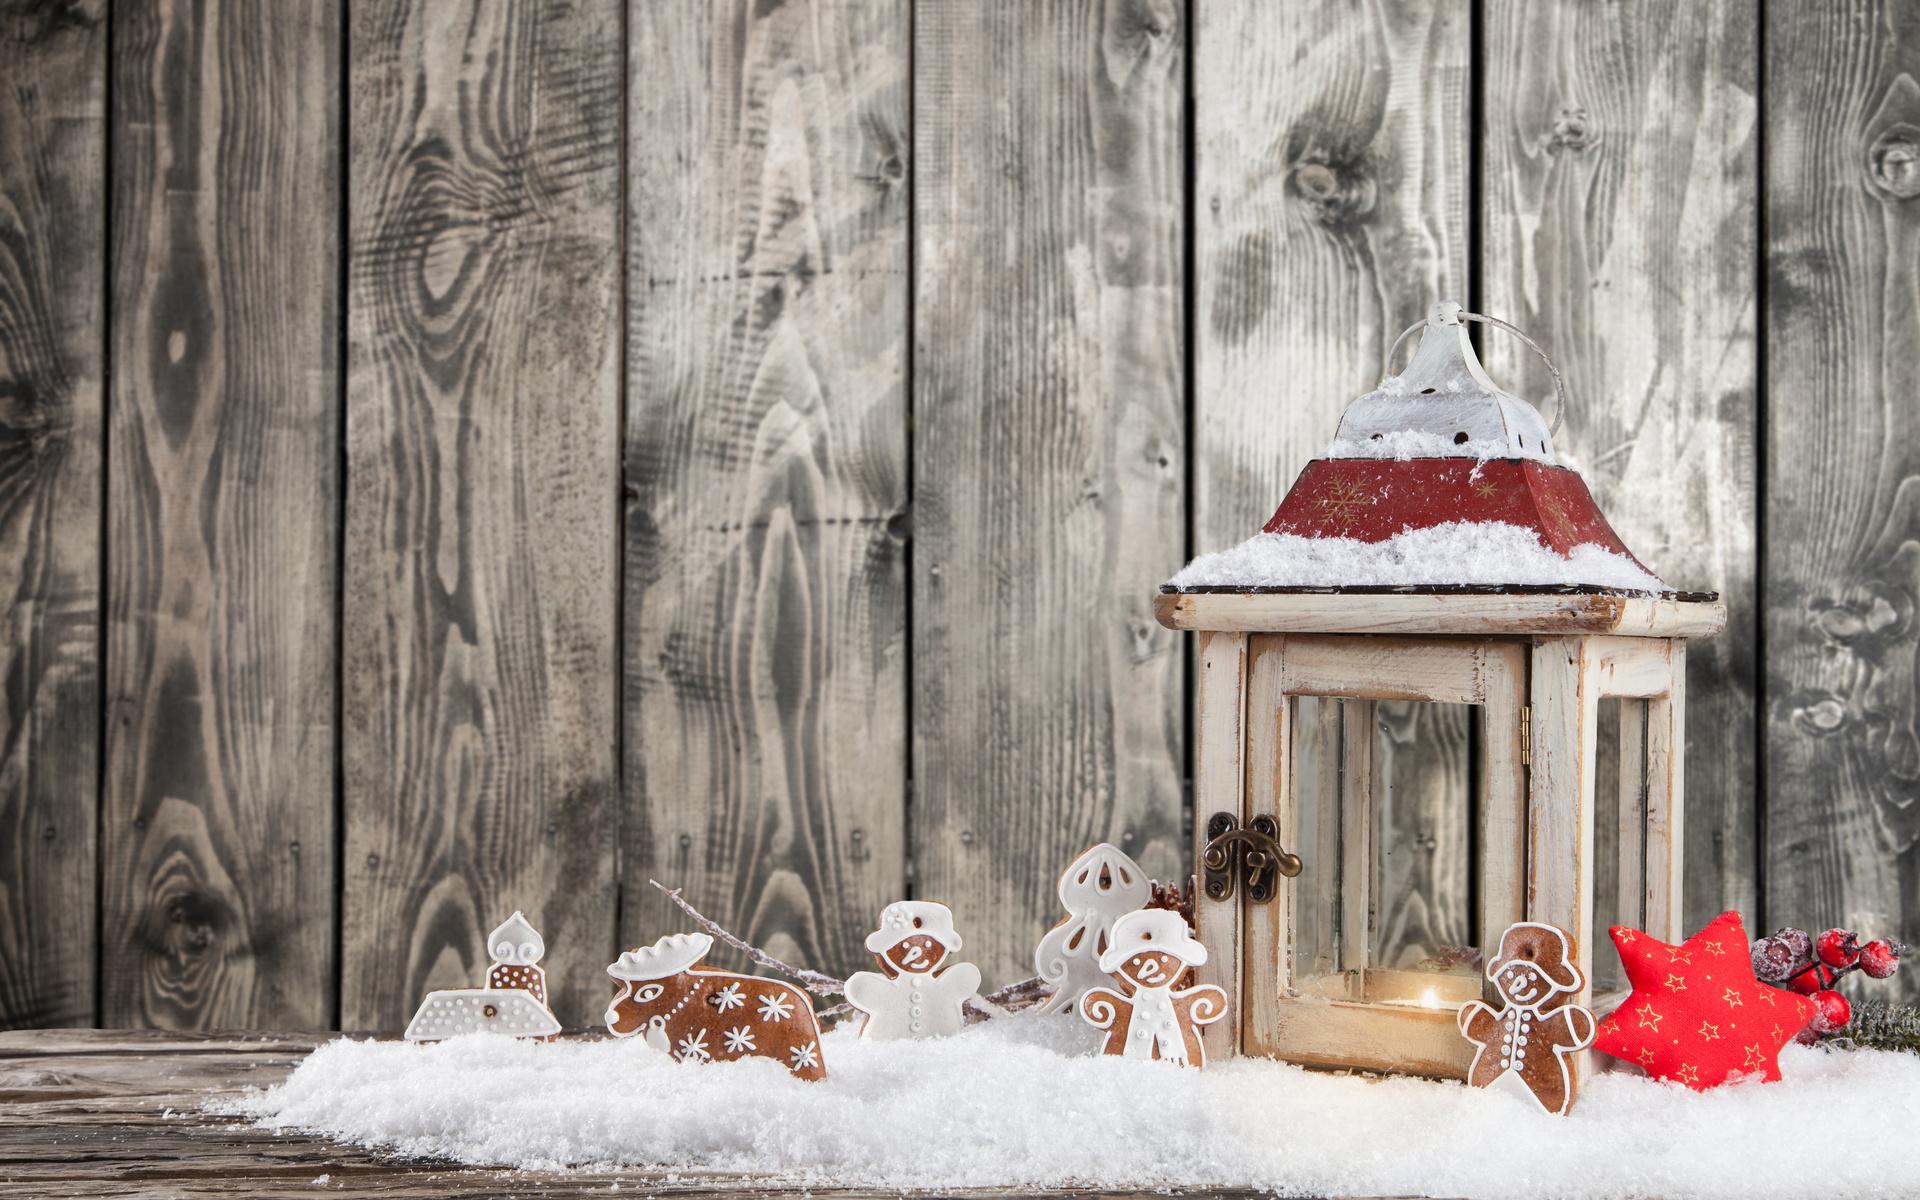 зимние картинки на стену кастрюлю растительным маслом